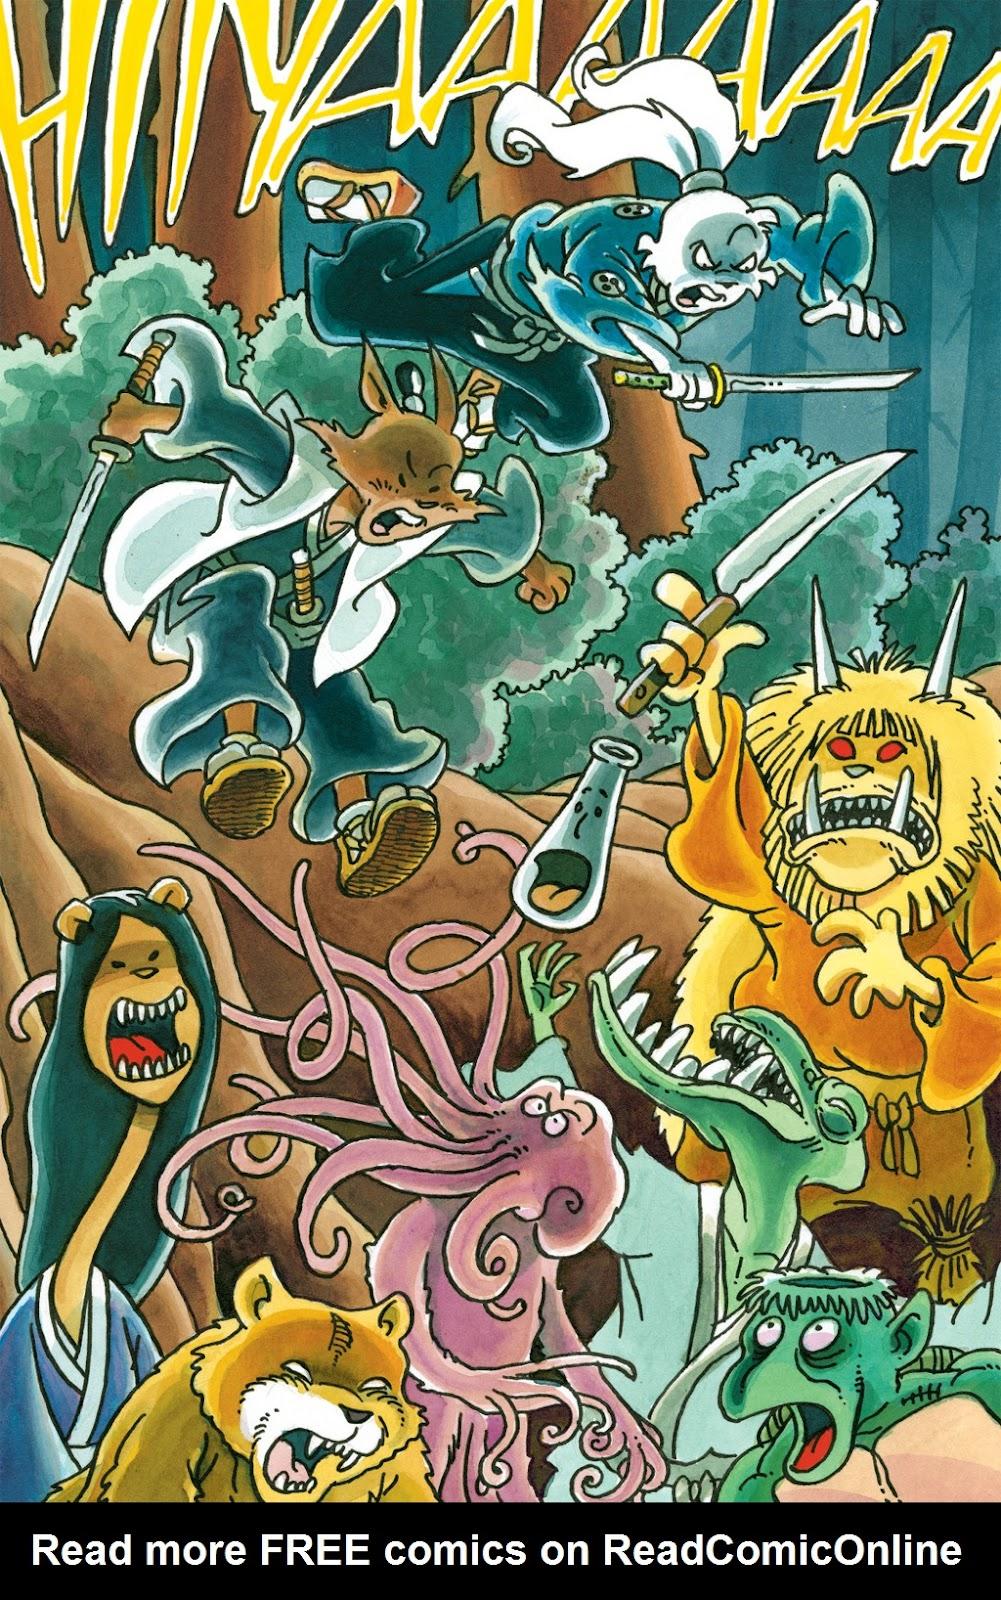 Read online Usagi Yojimbo: Yokai comic -  Issue # Full - 40